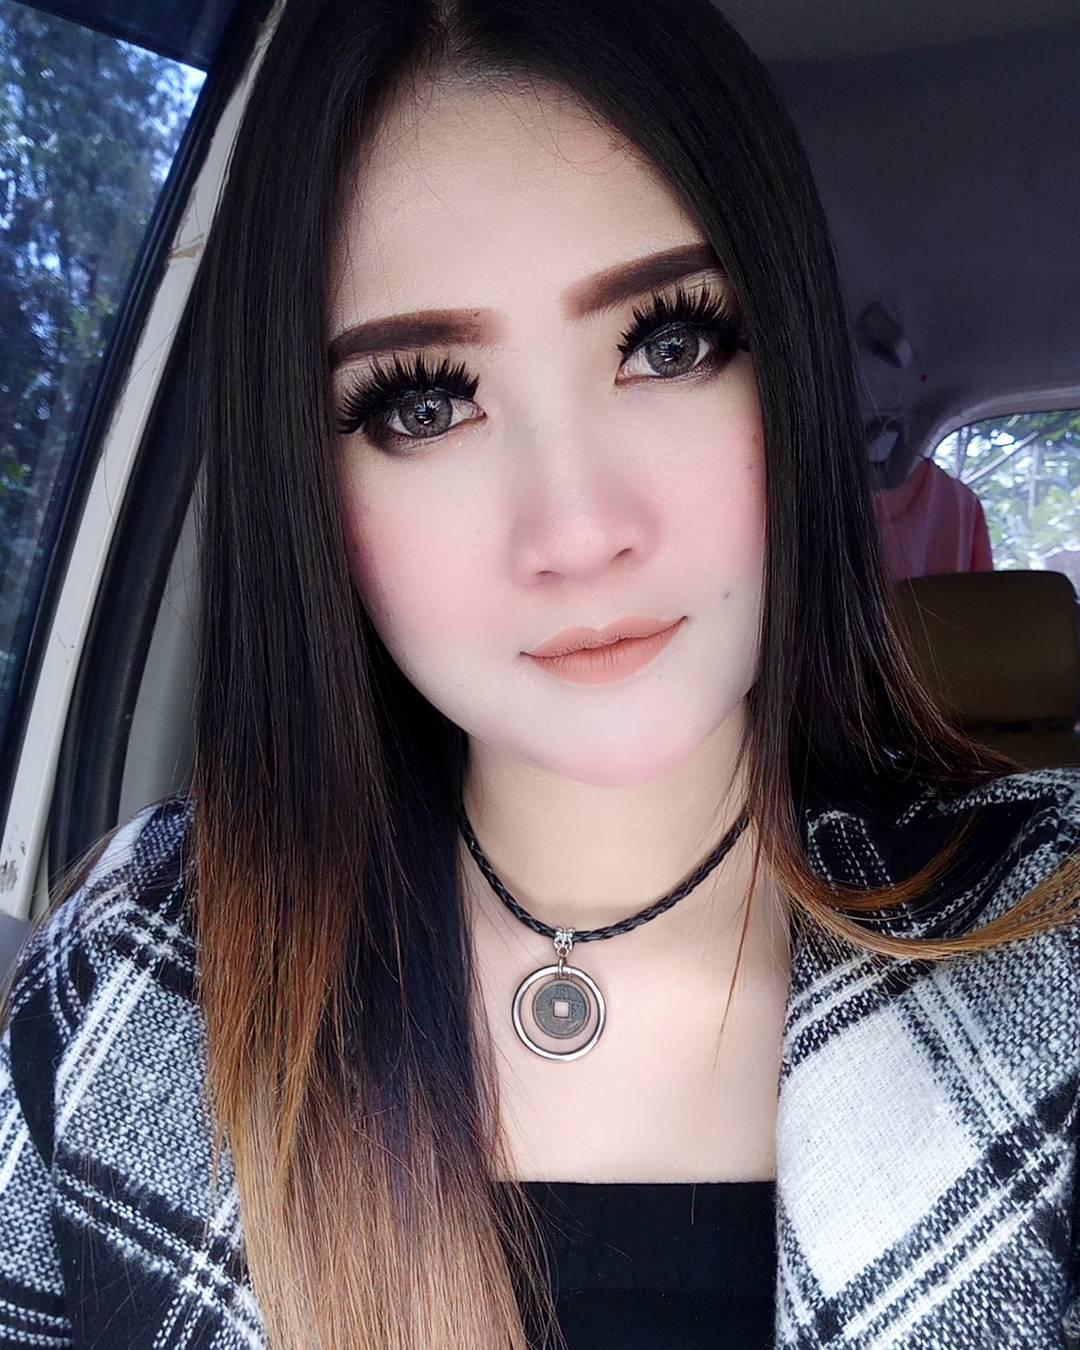 biodata foto terbaru nella kharisma artis dangdut koplo